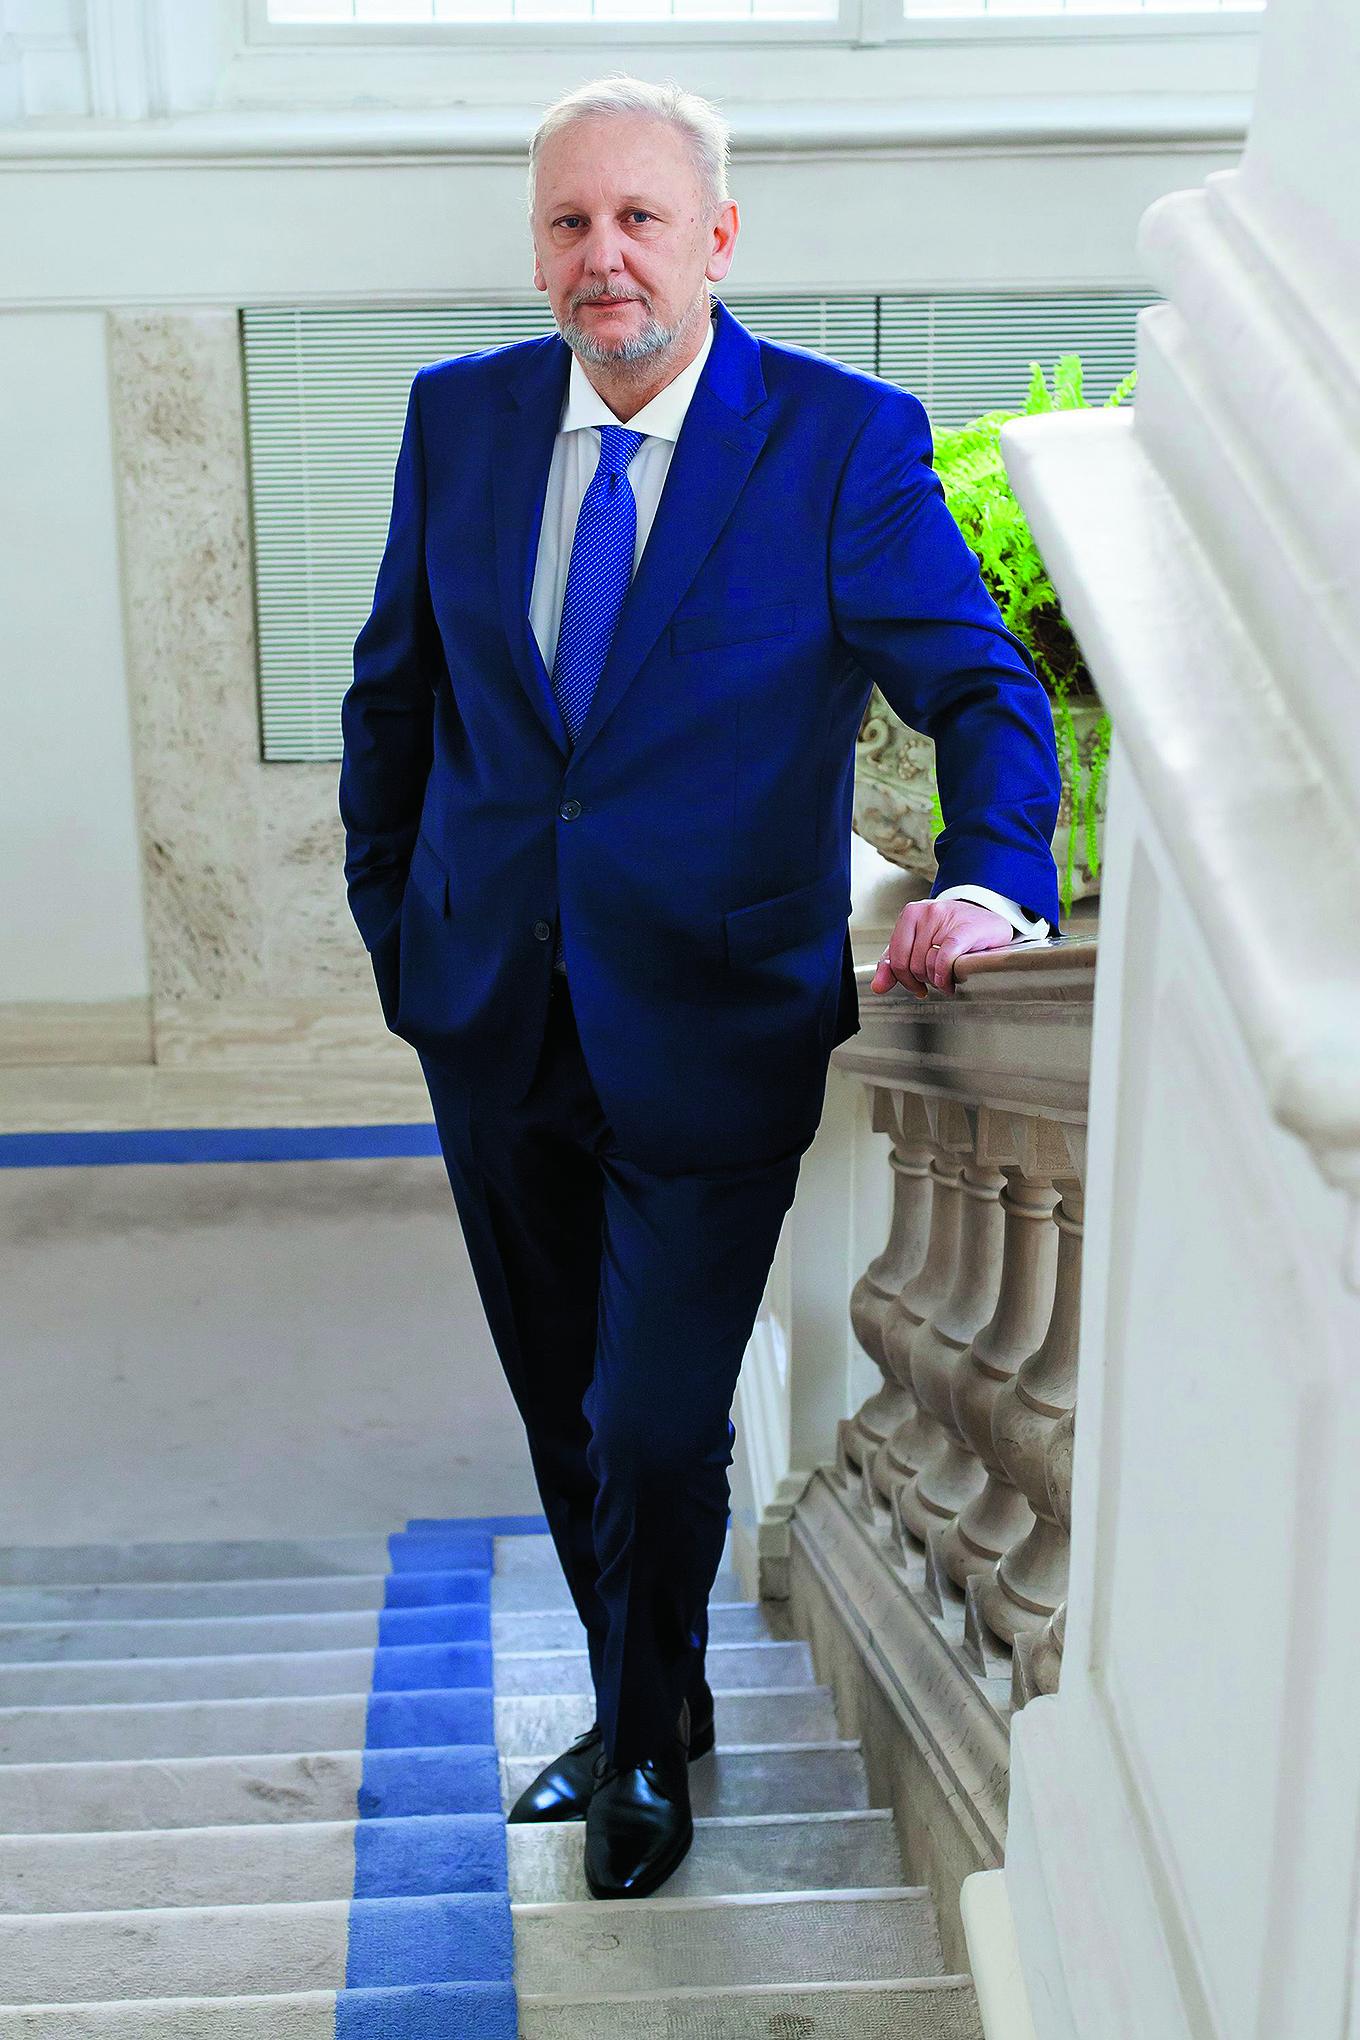 Zagreb, 140417. Vlada RH. Na fotografiji: Davor Bozinovic - predstojnik Ureda predsjednika Vlade. Foto: Tomislav Kristo / CROPIX